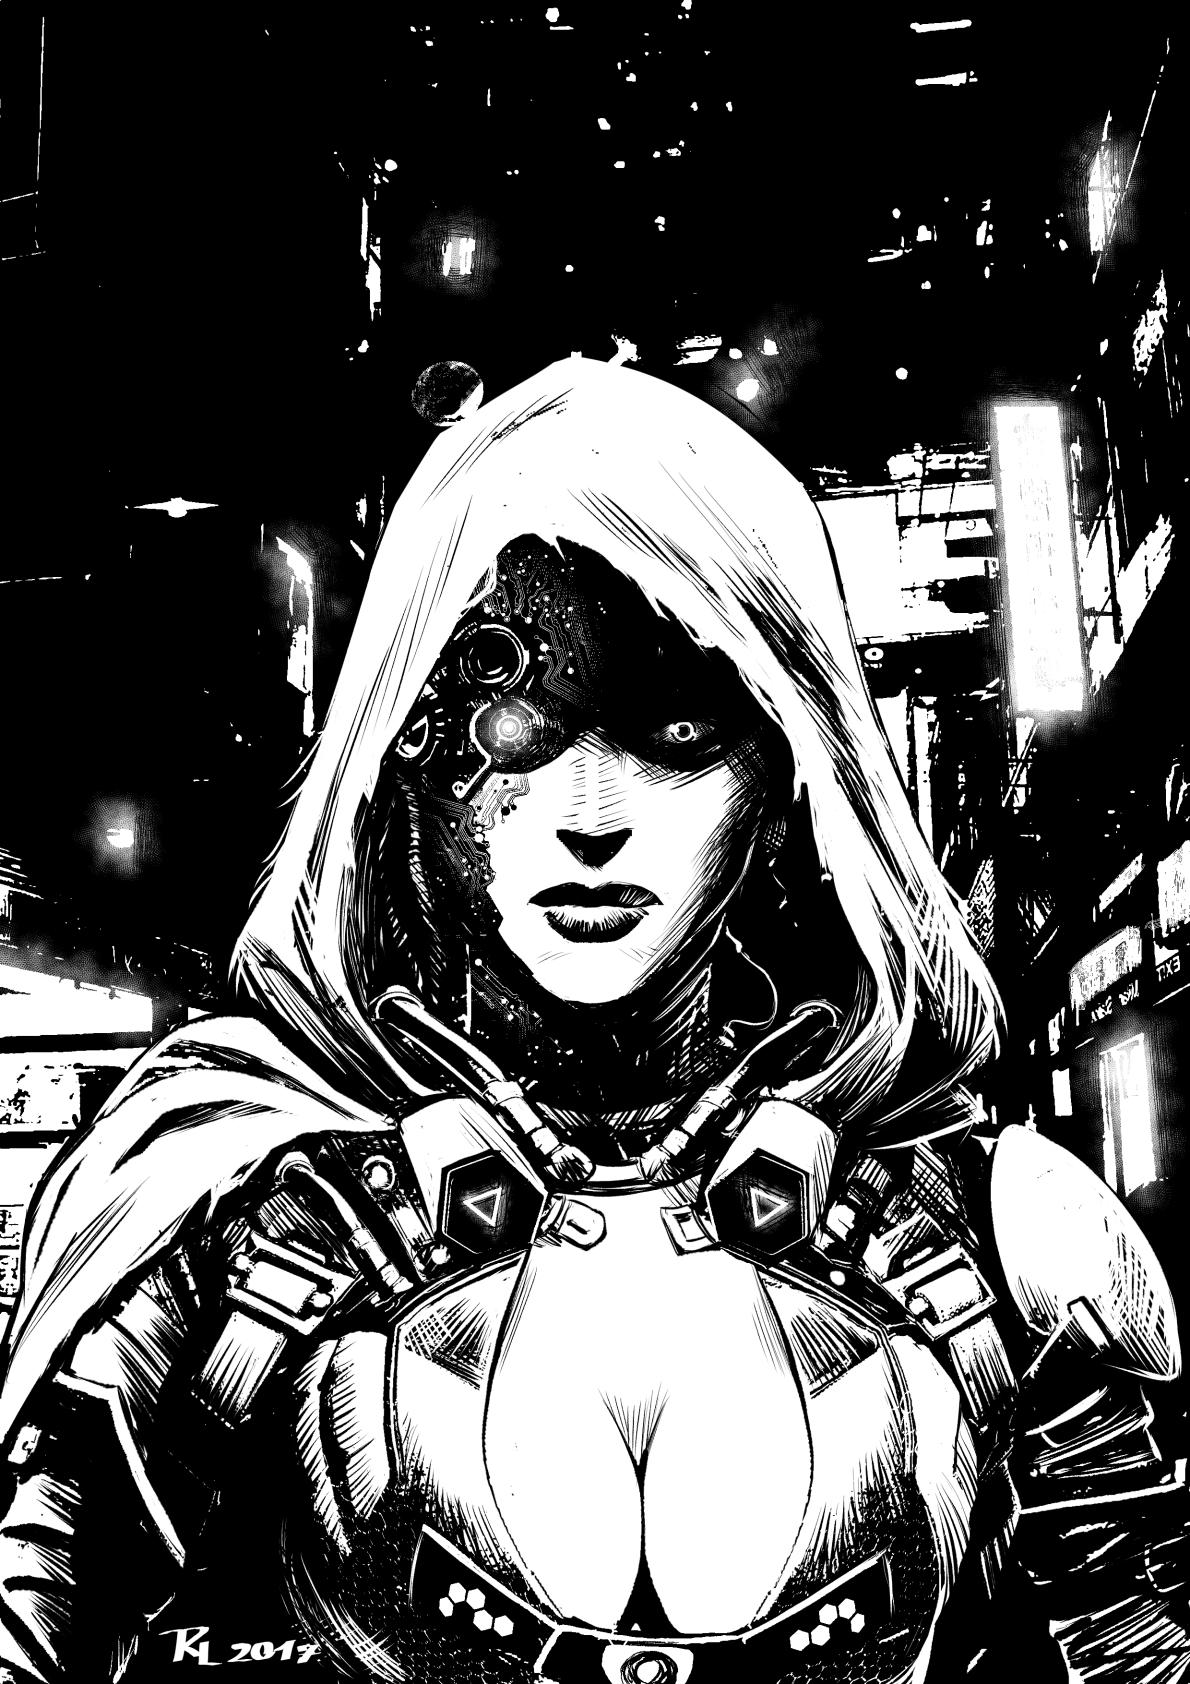 Cyberpunk woman web.jpg